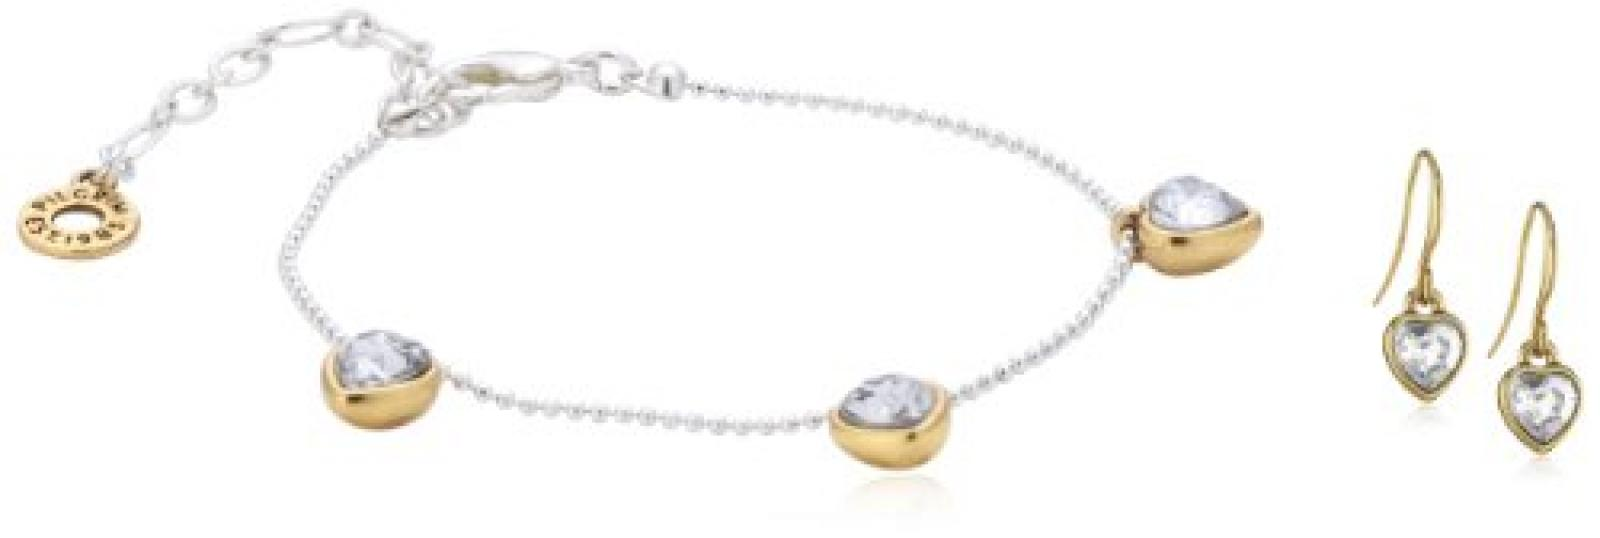 Pilgrim Damen-Schmuckset Valentine: Armband + Ohrringe Messing Kristall weiß 901416009